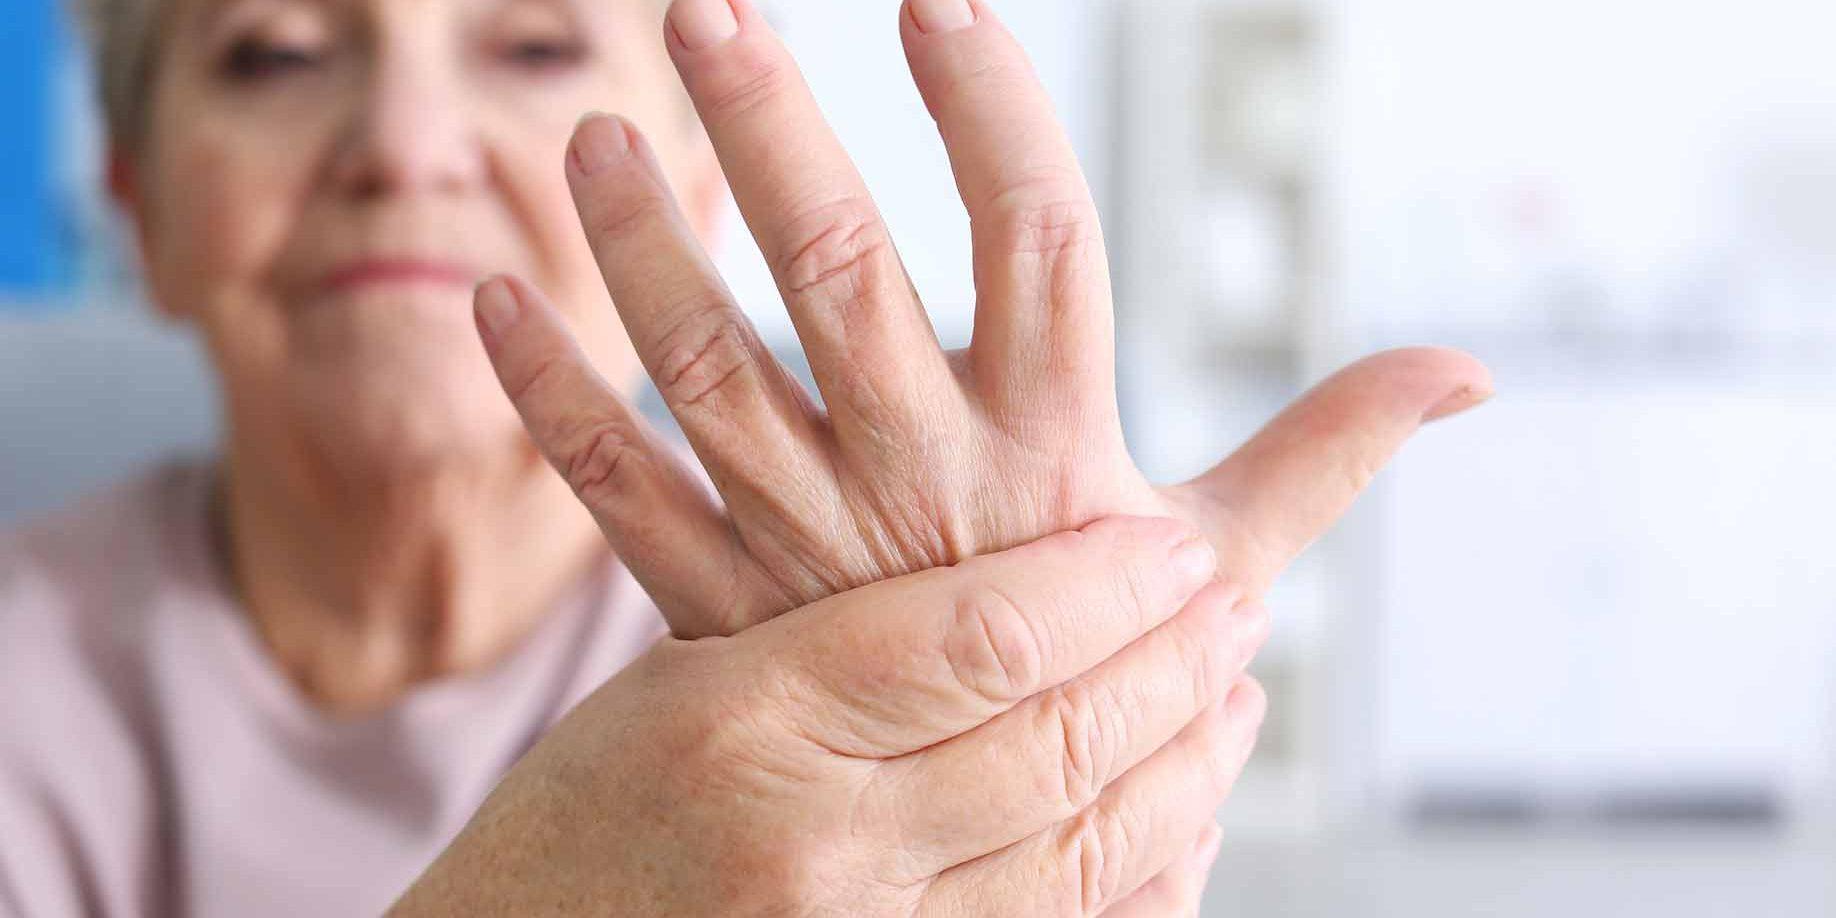 esant erythene sąnarių skausmas s sąnariai sukelia skausmą